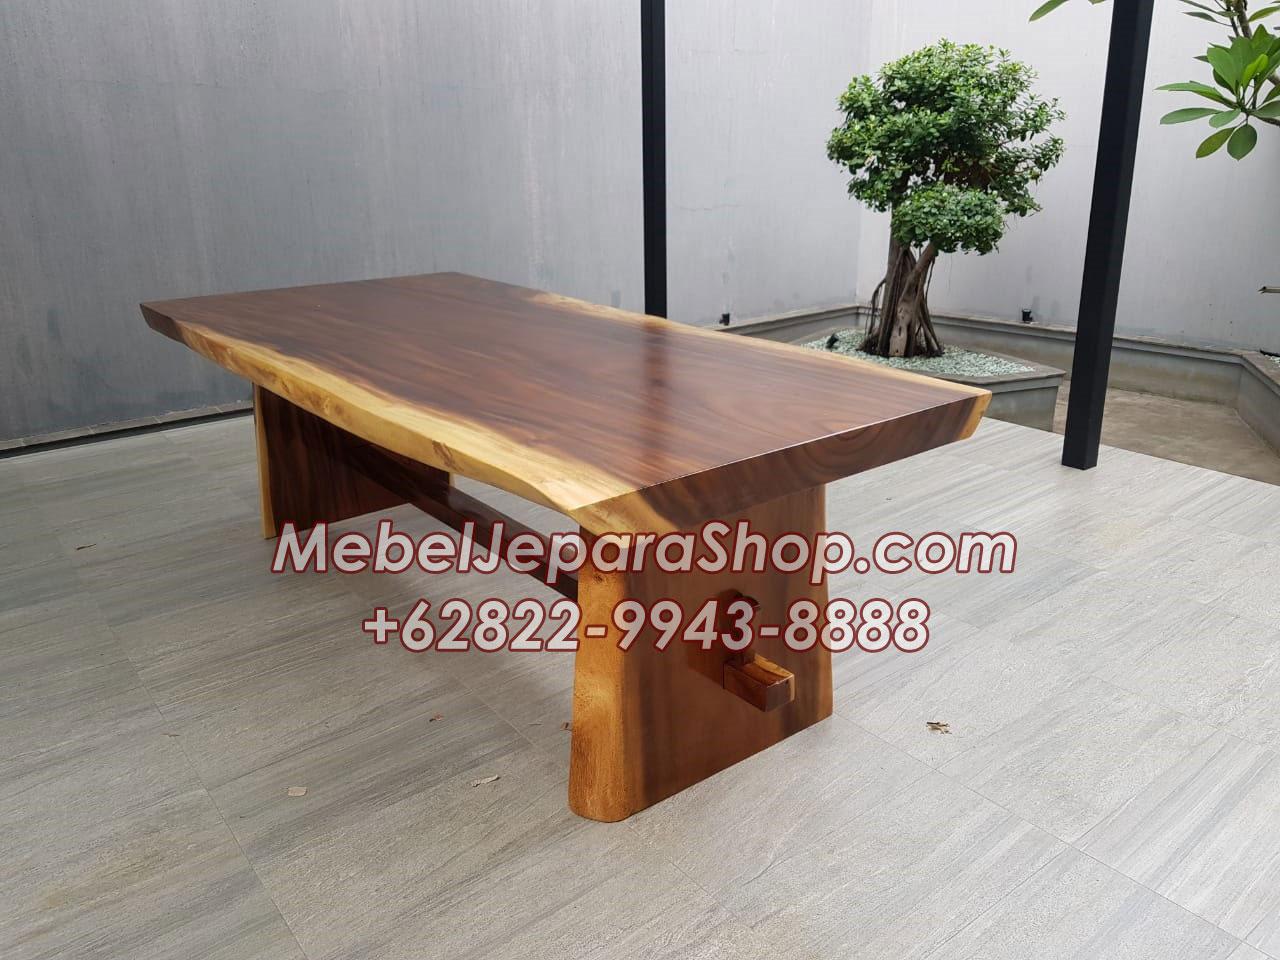 Meja Trembesi pendek kecil murah - Meja-Trembesi-pendek-kecil-murah